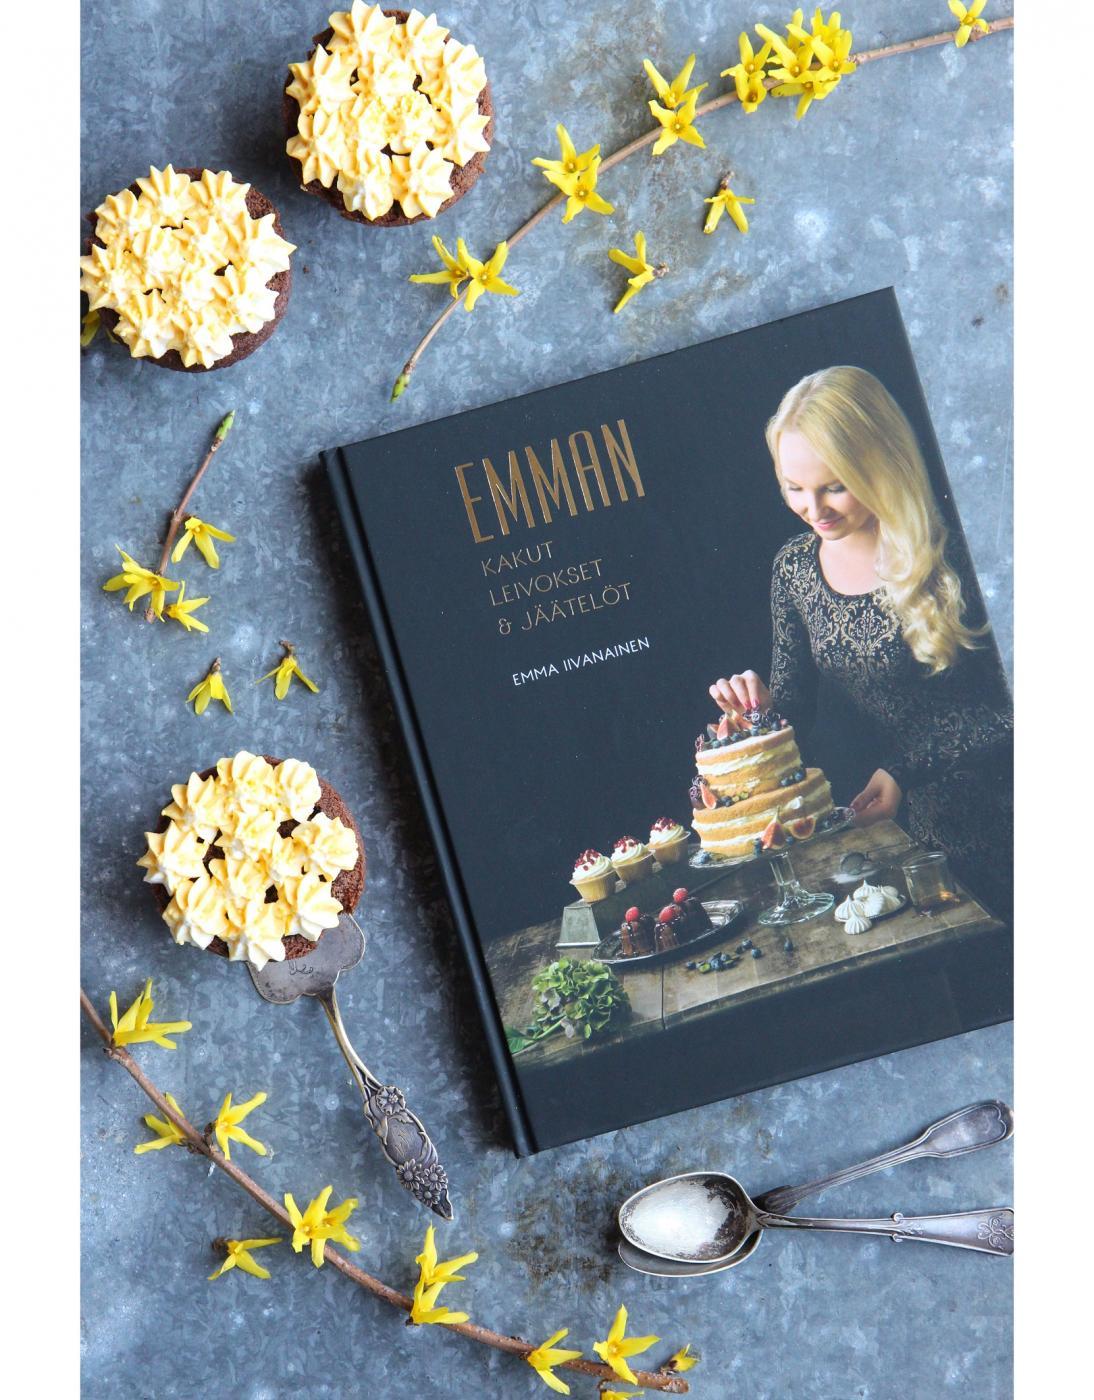 Arvonnassa Emman uusi kirja